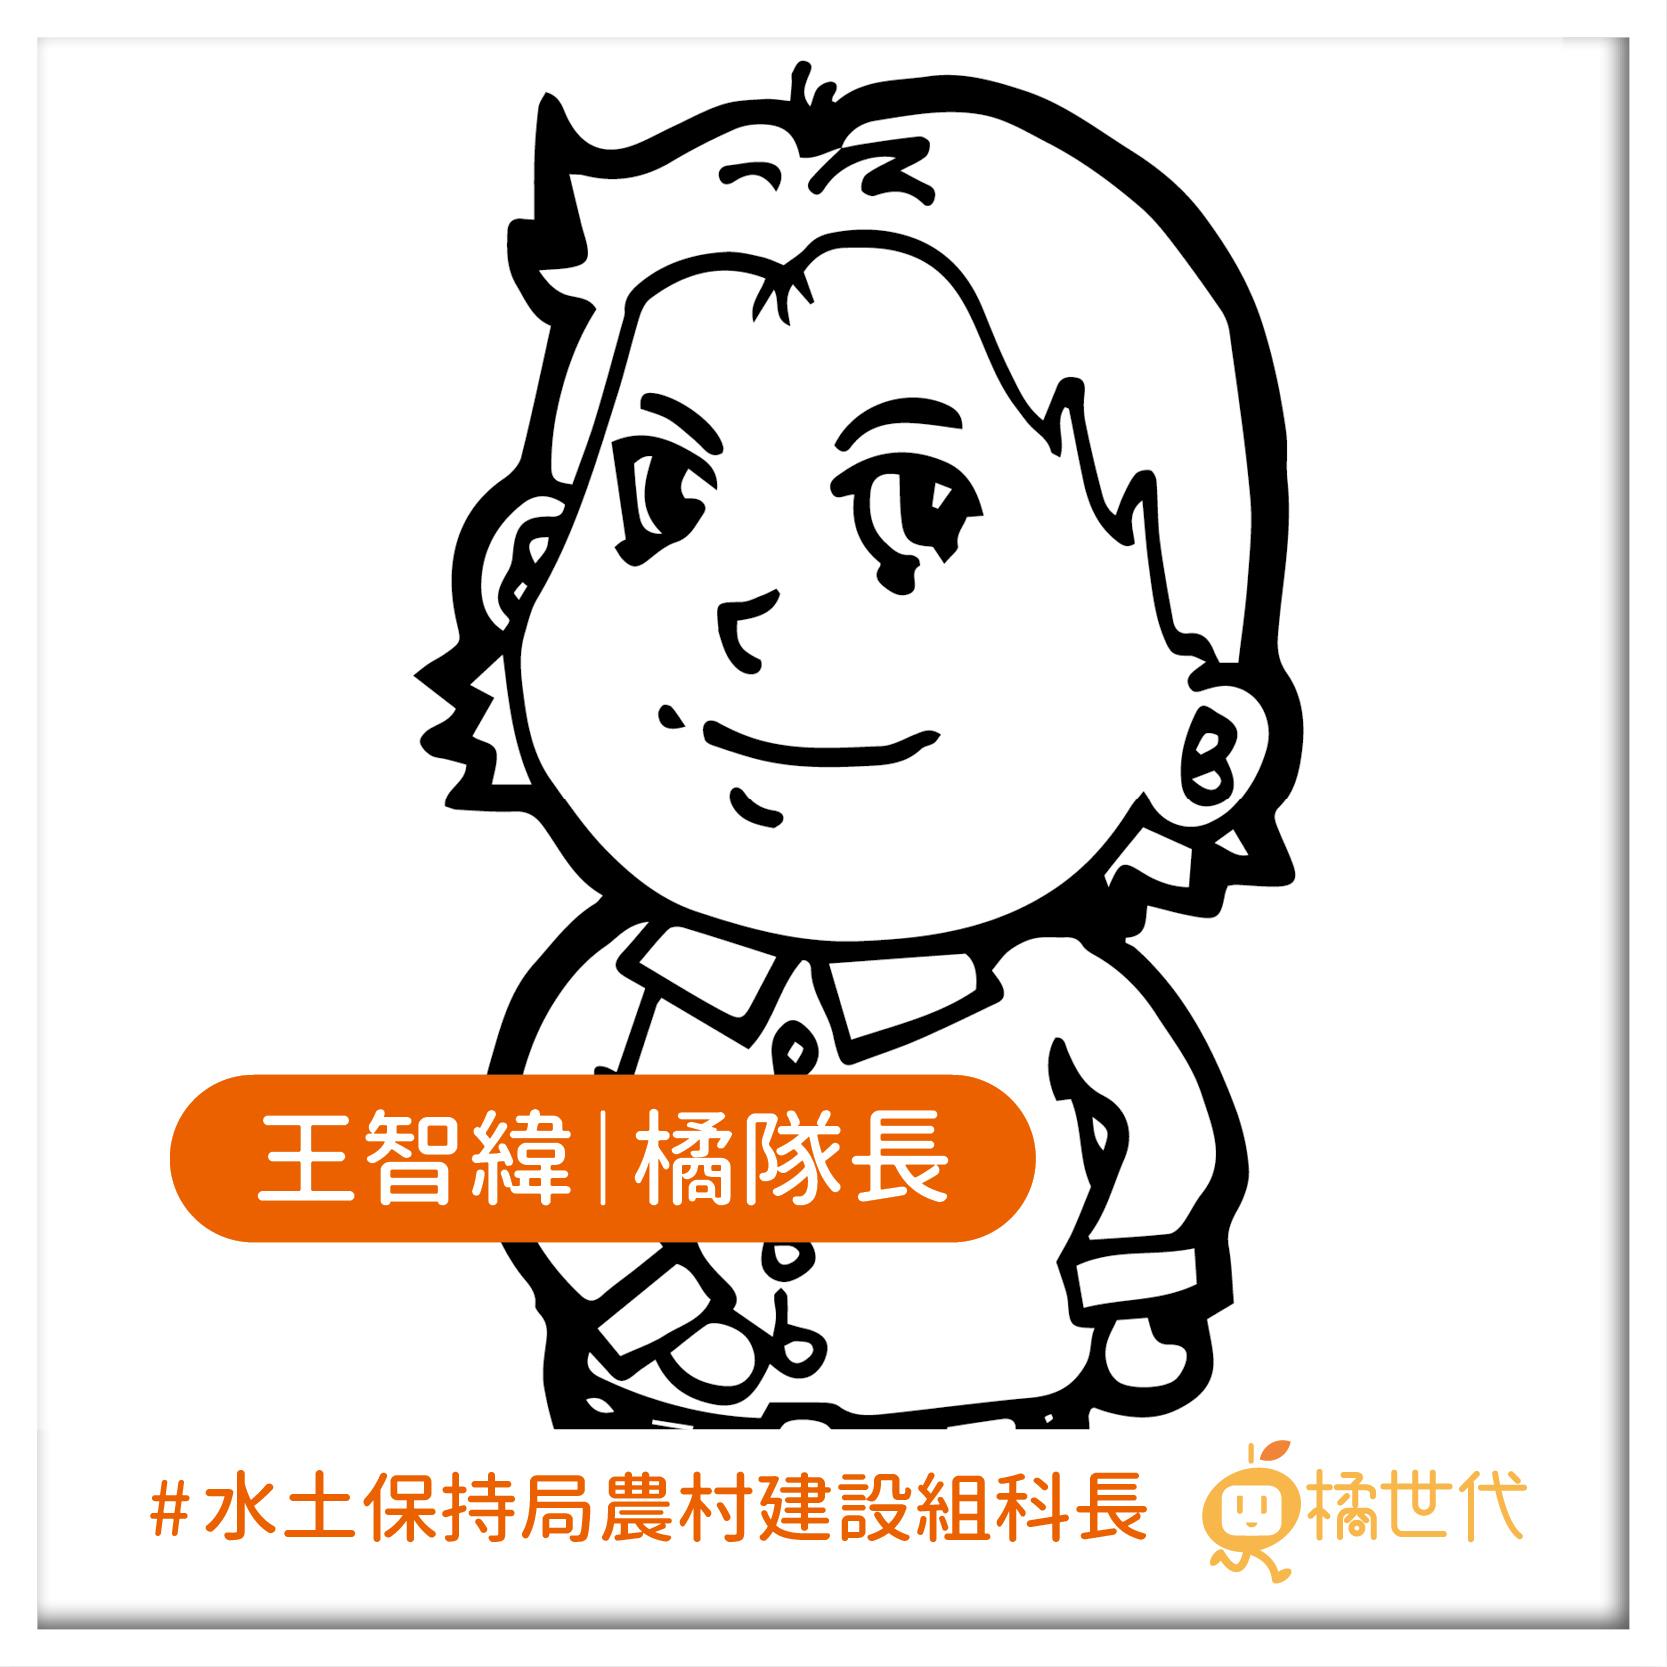 橘隊長 - 王智緯│03.作為「家人」,疫情帶給我的啟發